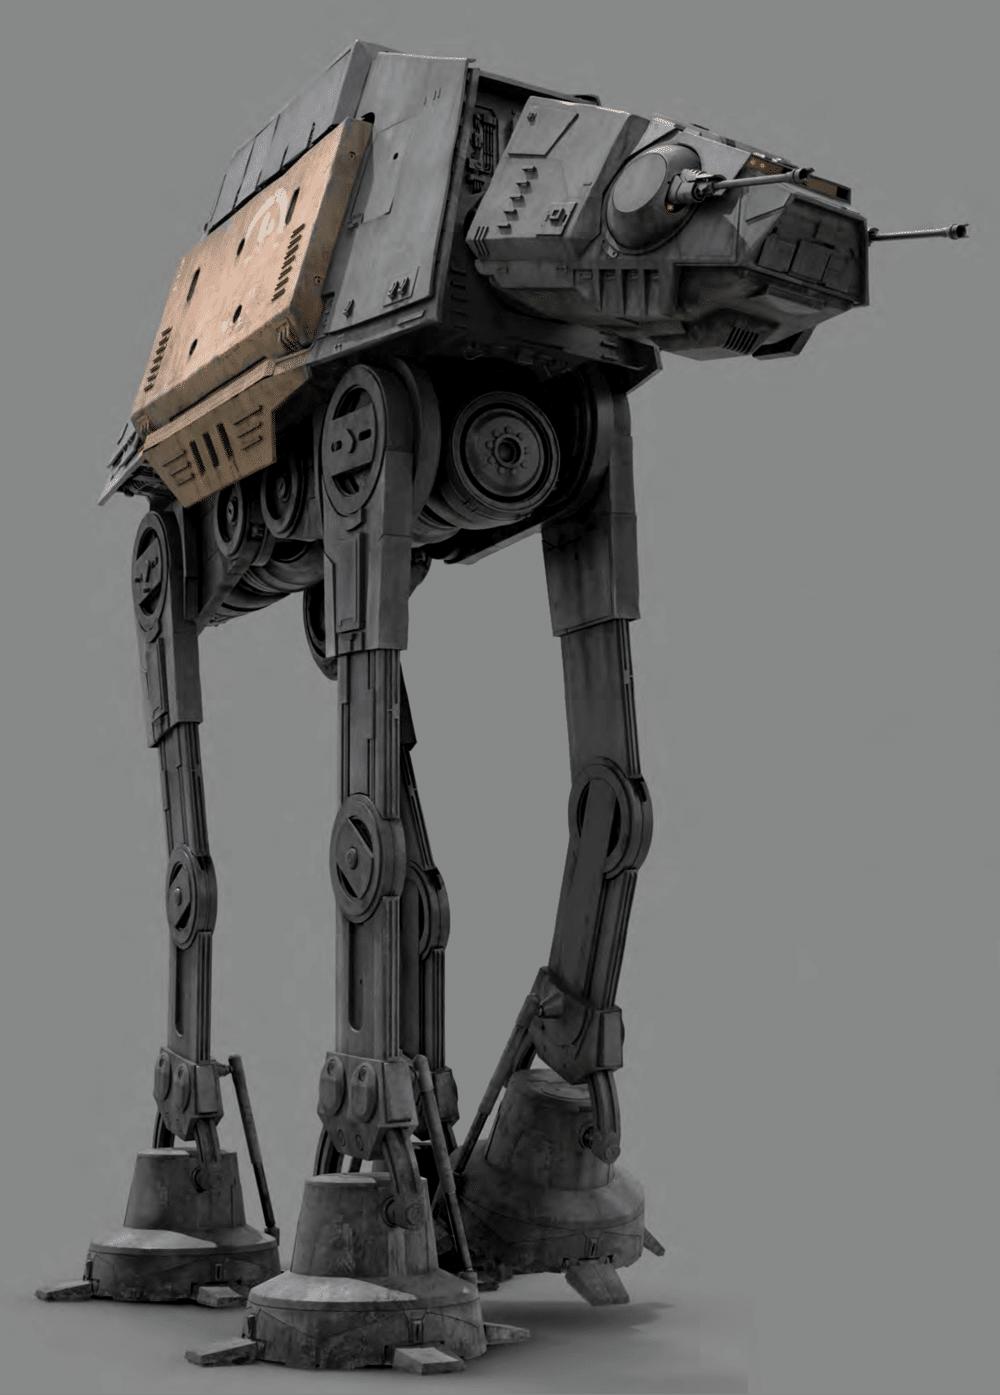 veicoli serie AT, Mezzi e veicoli della serie AT: dal Grande Esercito della Repubblica al Primo Ordine – Guida al Canon, Star Wars Addicted